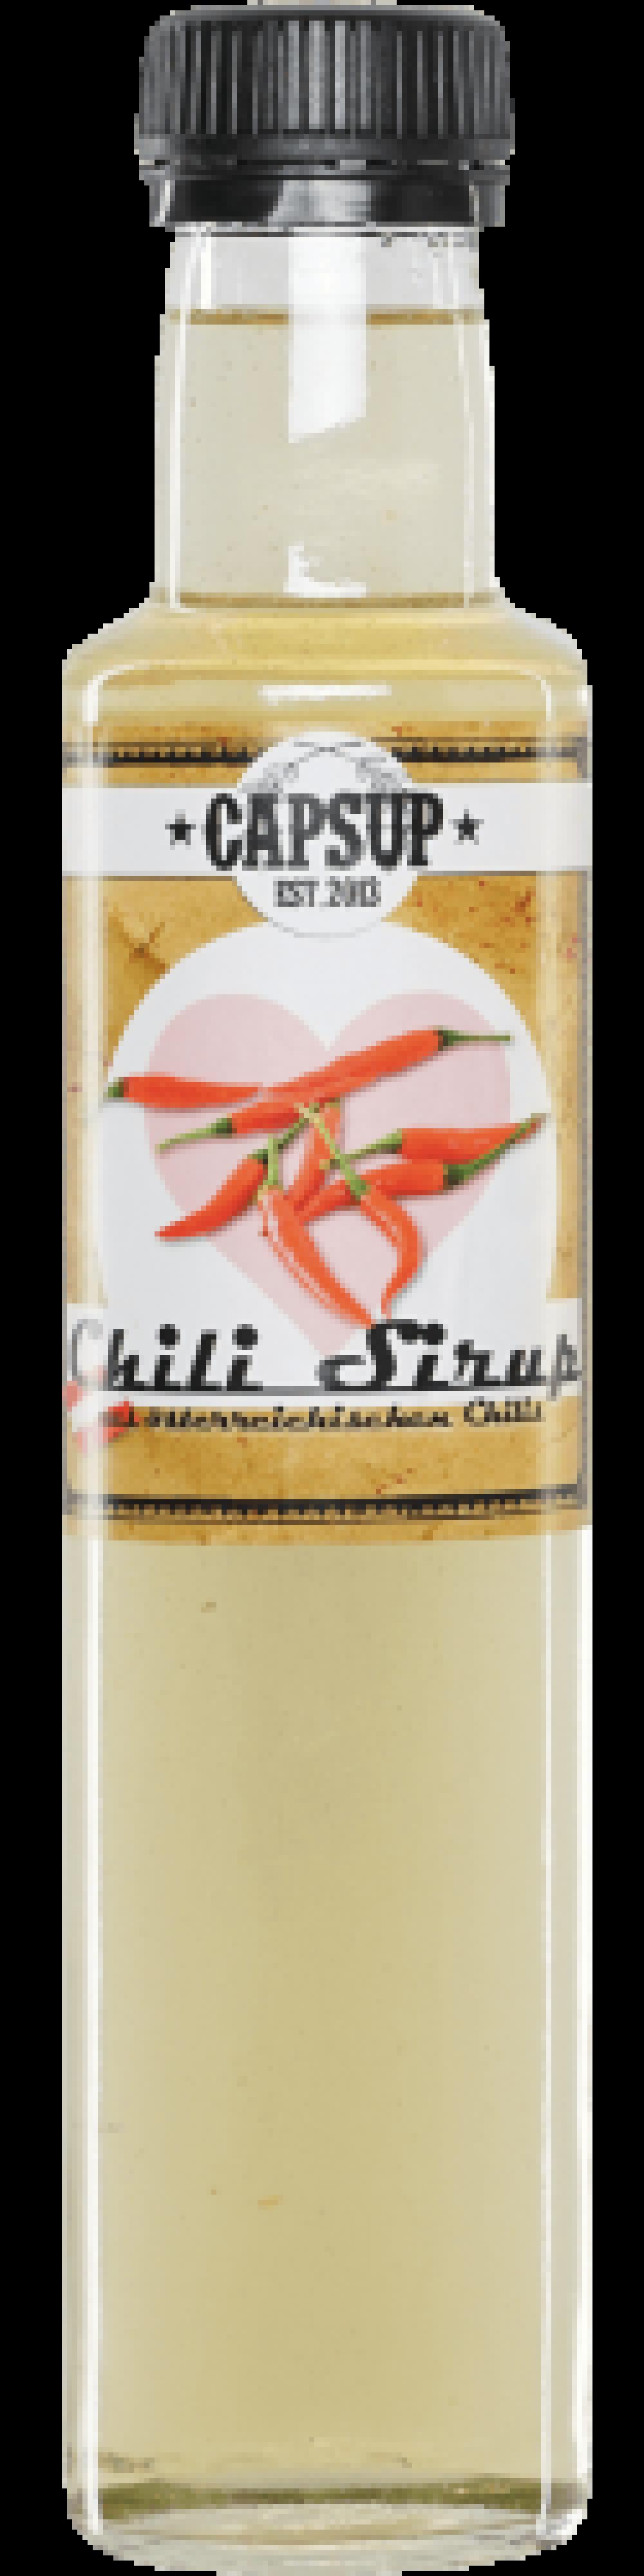 Chilisirup 250ml 2/10